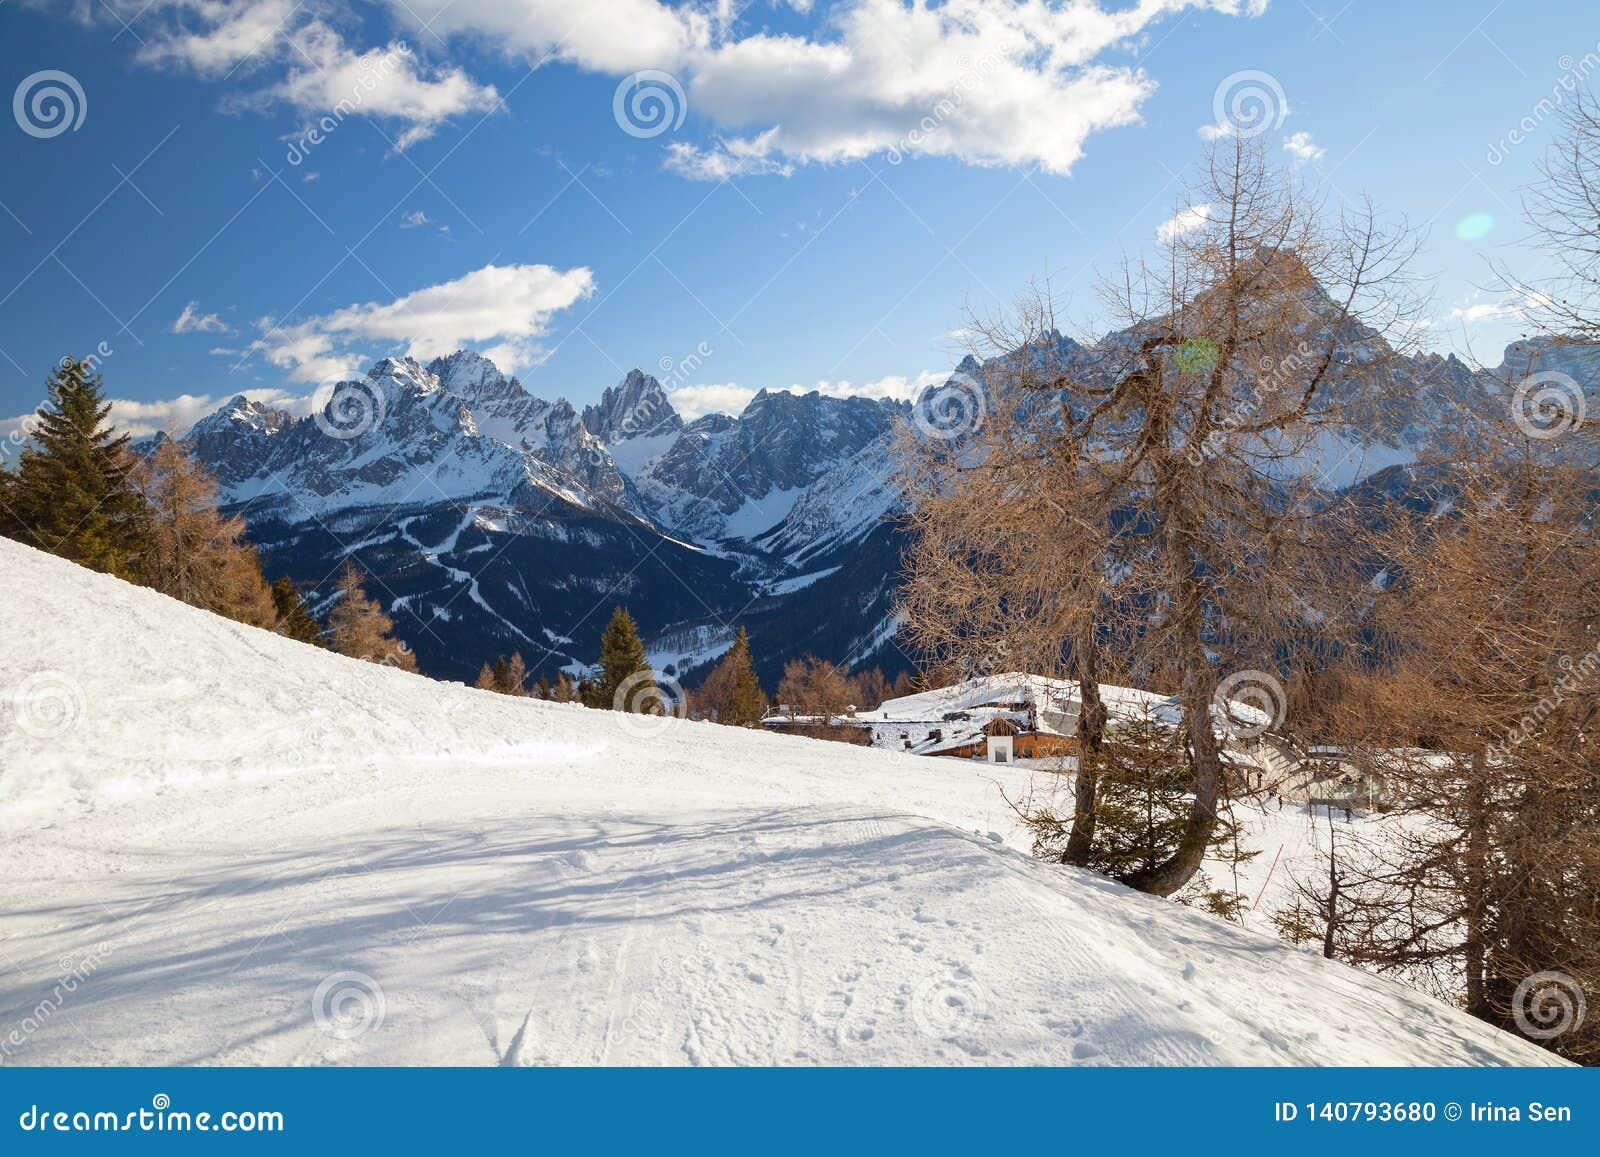 Monte Elmo, Dolomites, Italy - Mountain skiing and snowboarding. Sexten (Sesto), Trentino-Alto Adige, Alta Pusteria